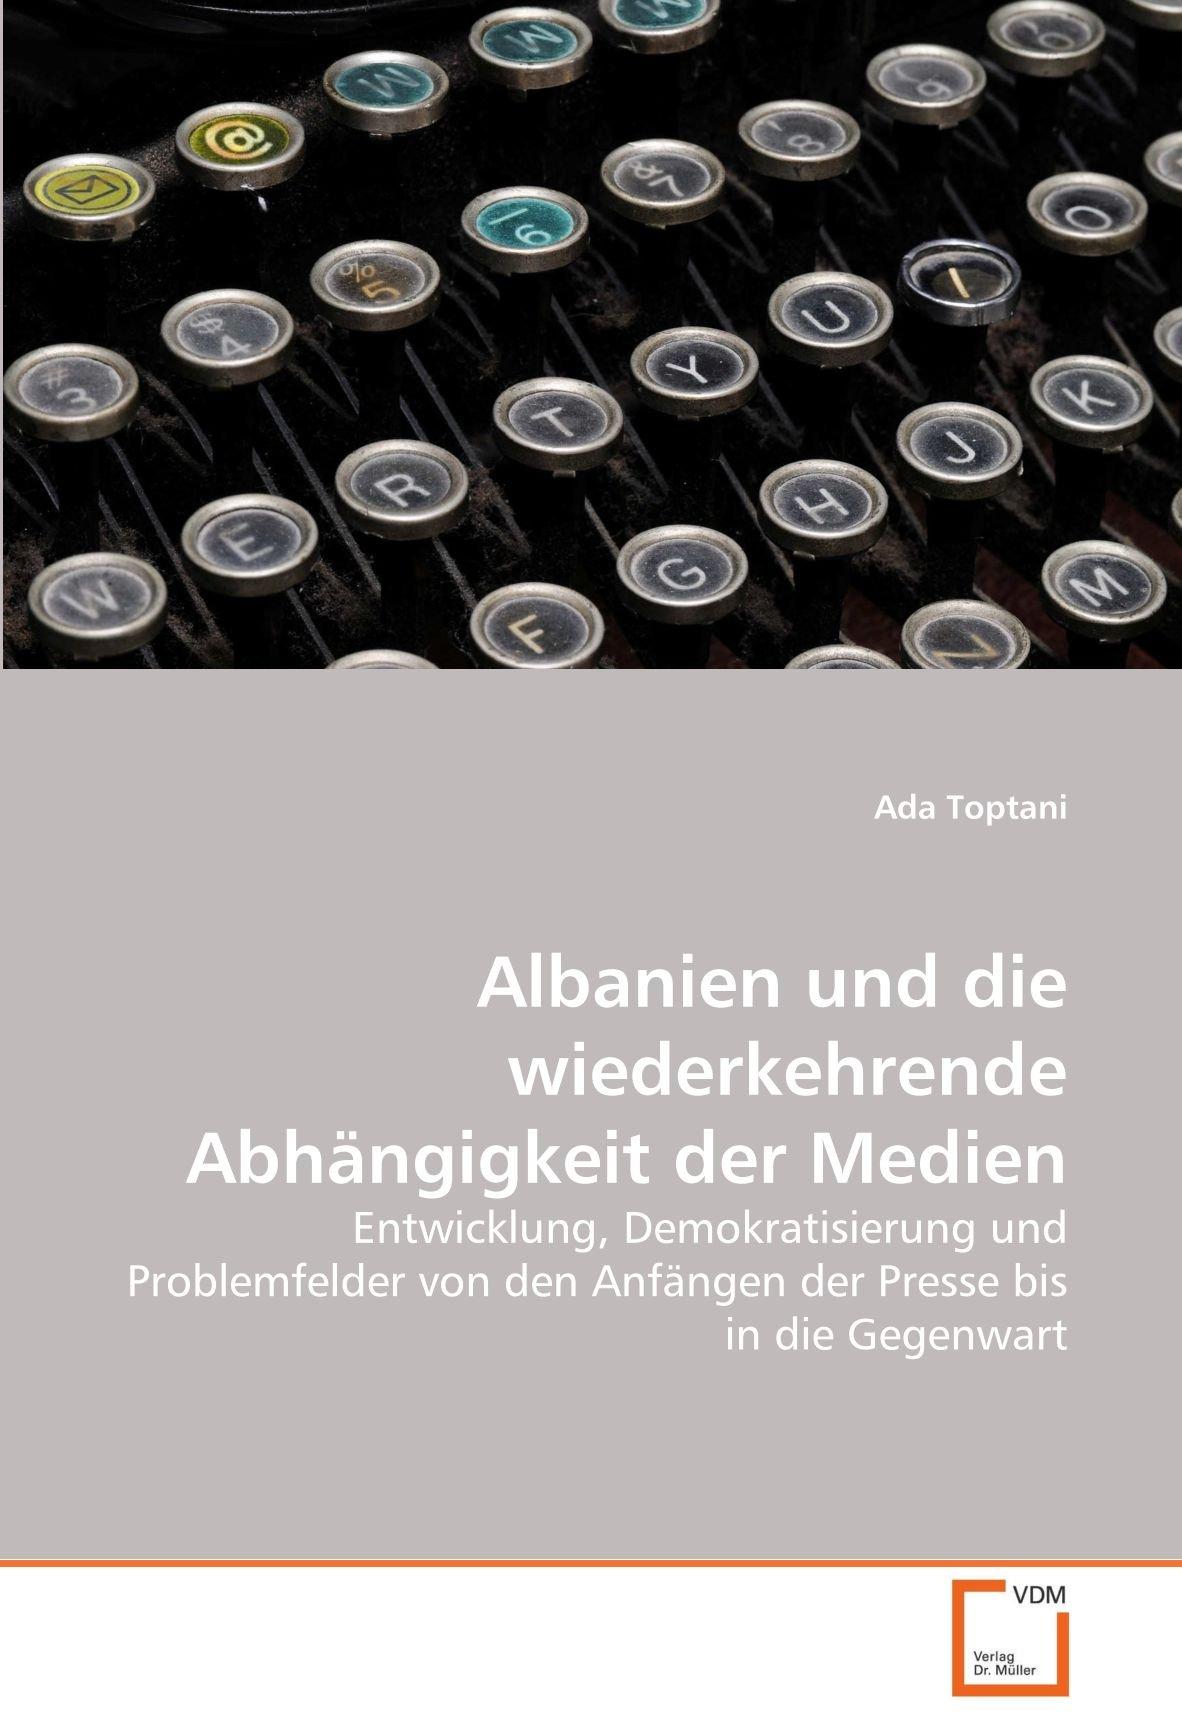 Albanien und die wiederkehrende Abhängigkeit der Medien: Entwicklung, Demokratisierung und Problemfelder von den Anfängen der Presse bis in die Gegenwart